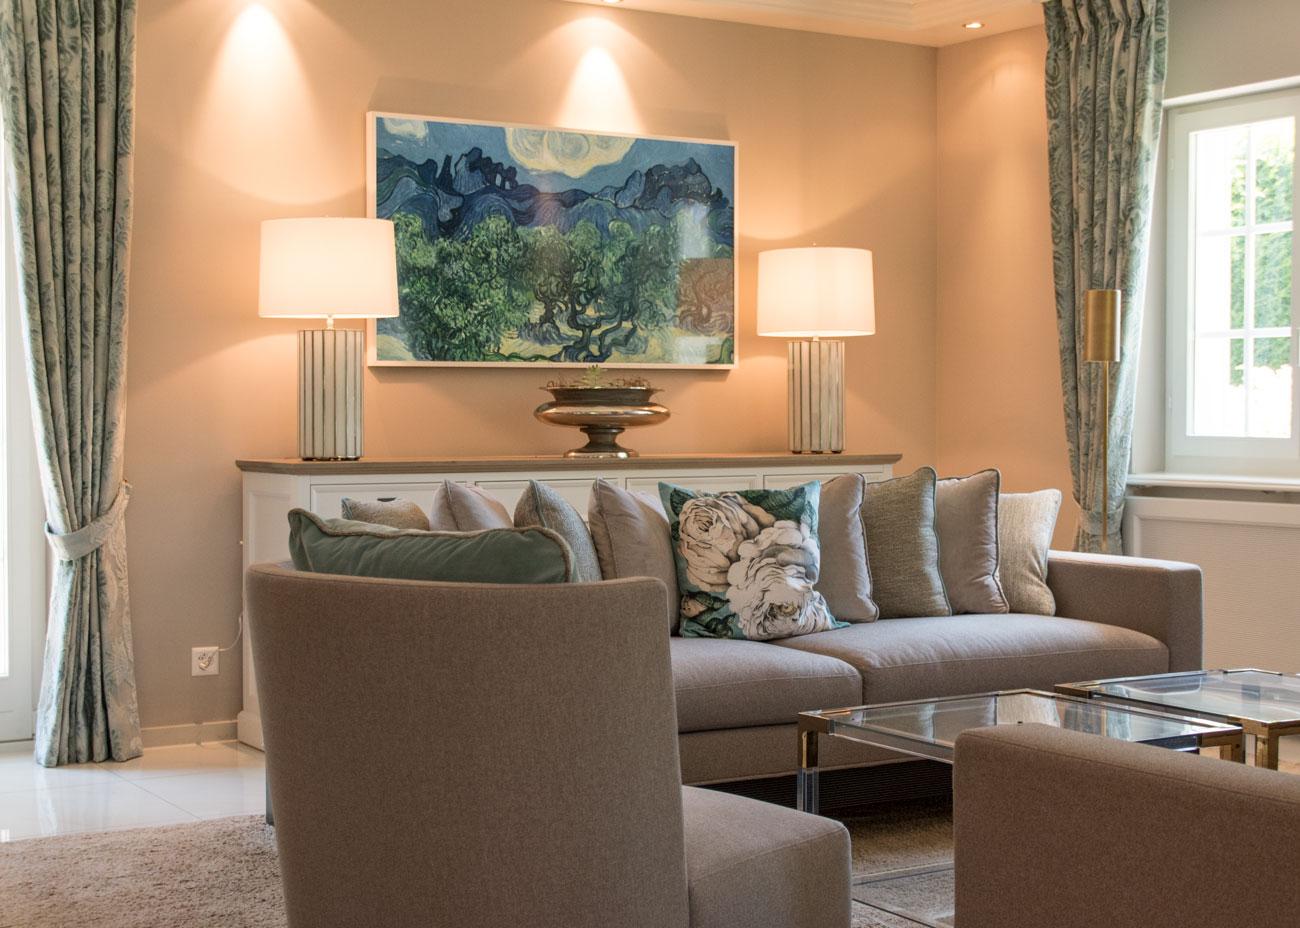 haus renovierung ideen wohnzimmer couch kissen taupe türkis leuchten kommode vorhänge glastisch